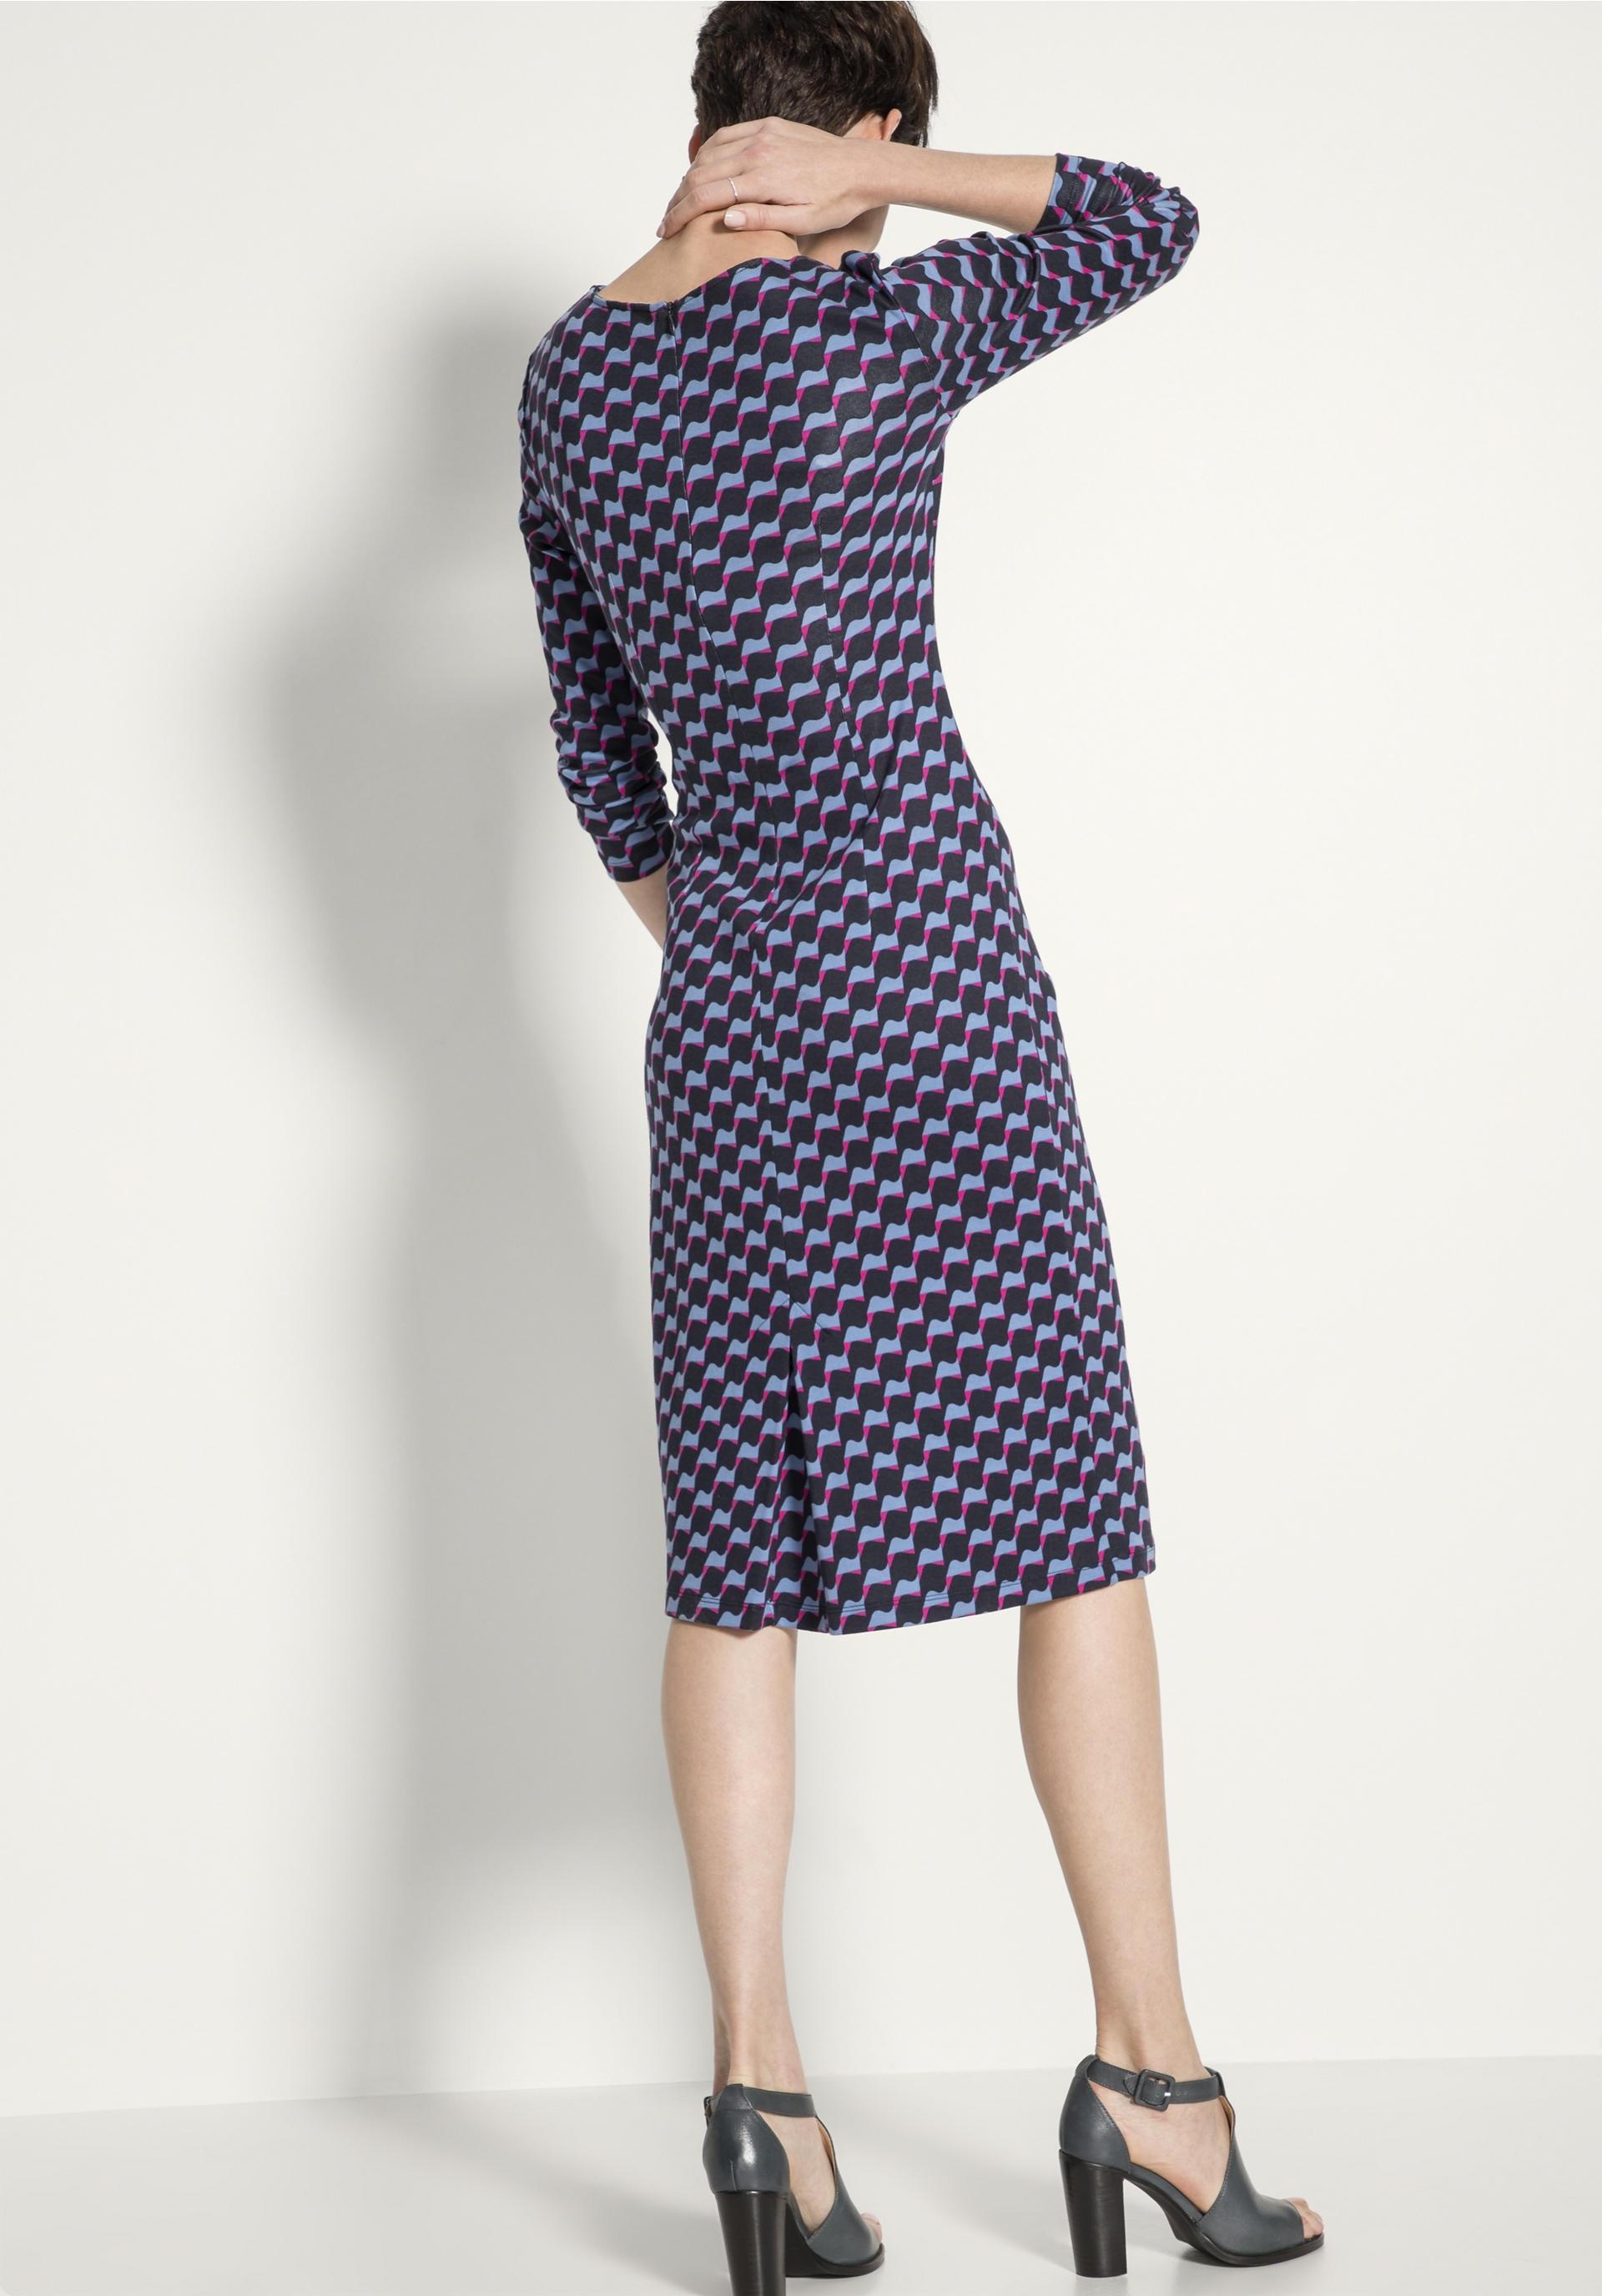 20 Genial Kniebedeckte Kleider Vertrieb17 Kreativ Kniebedeckte Kleider Design